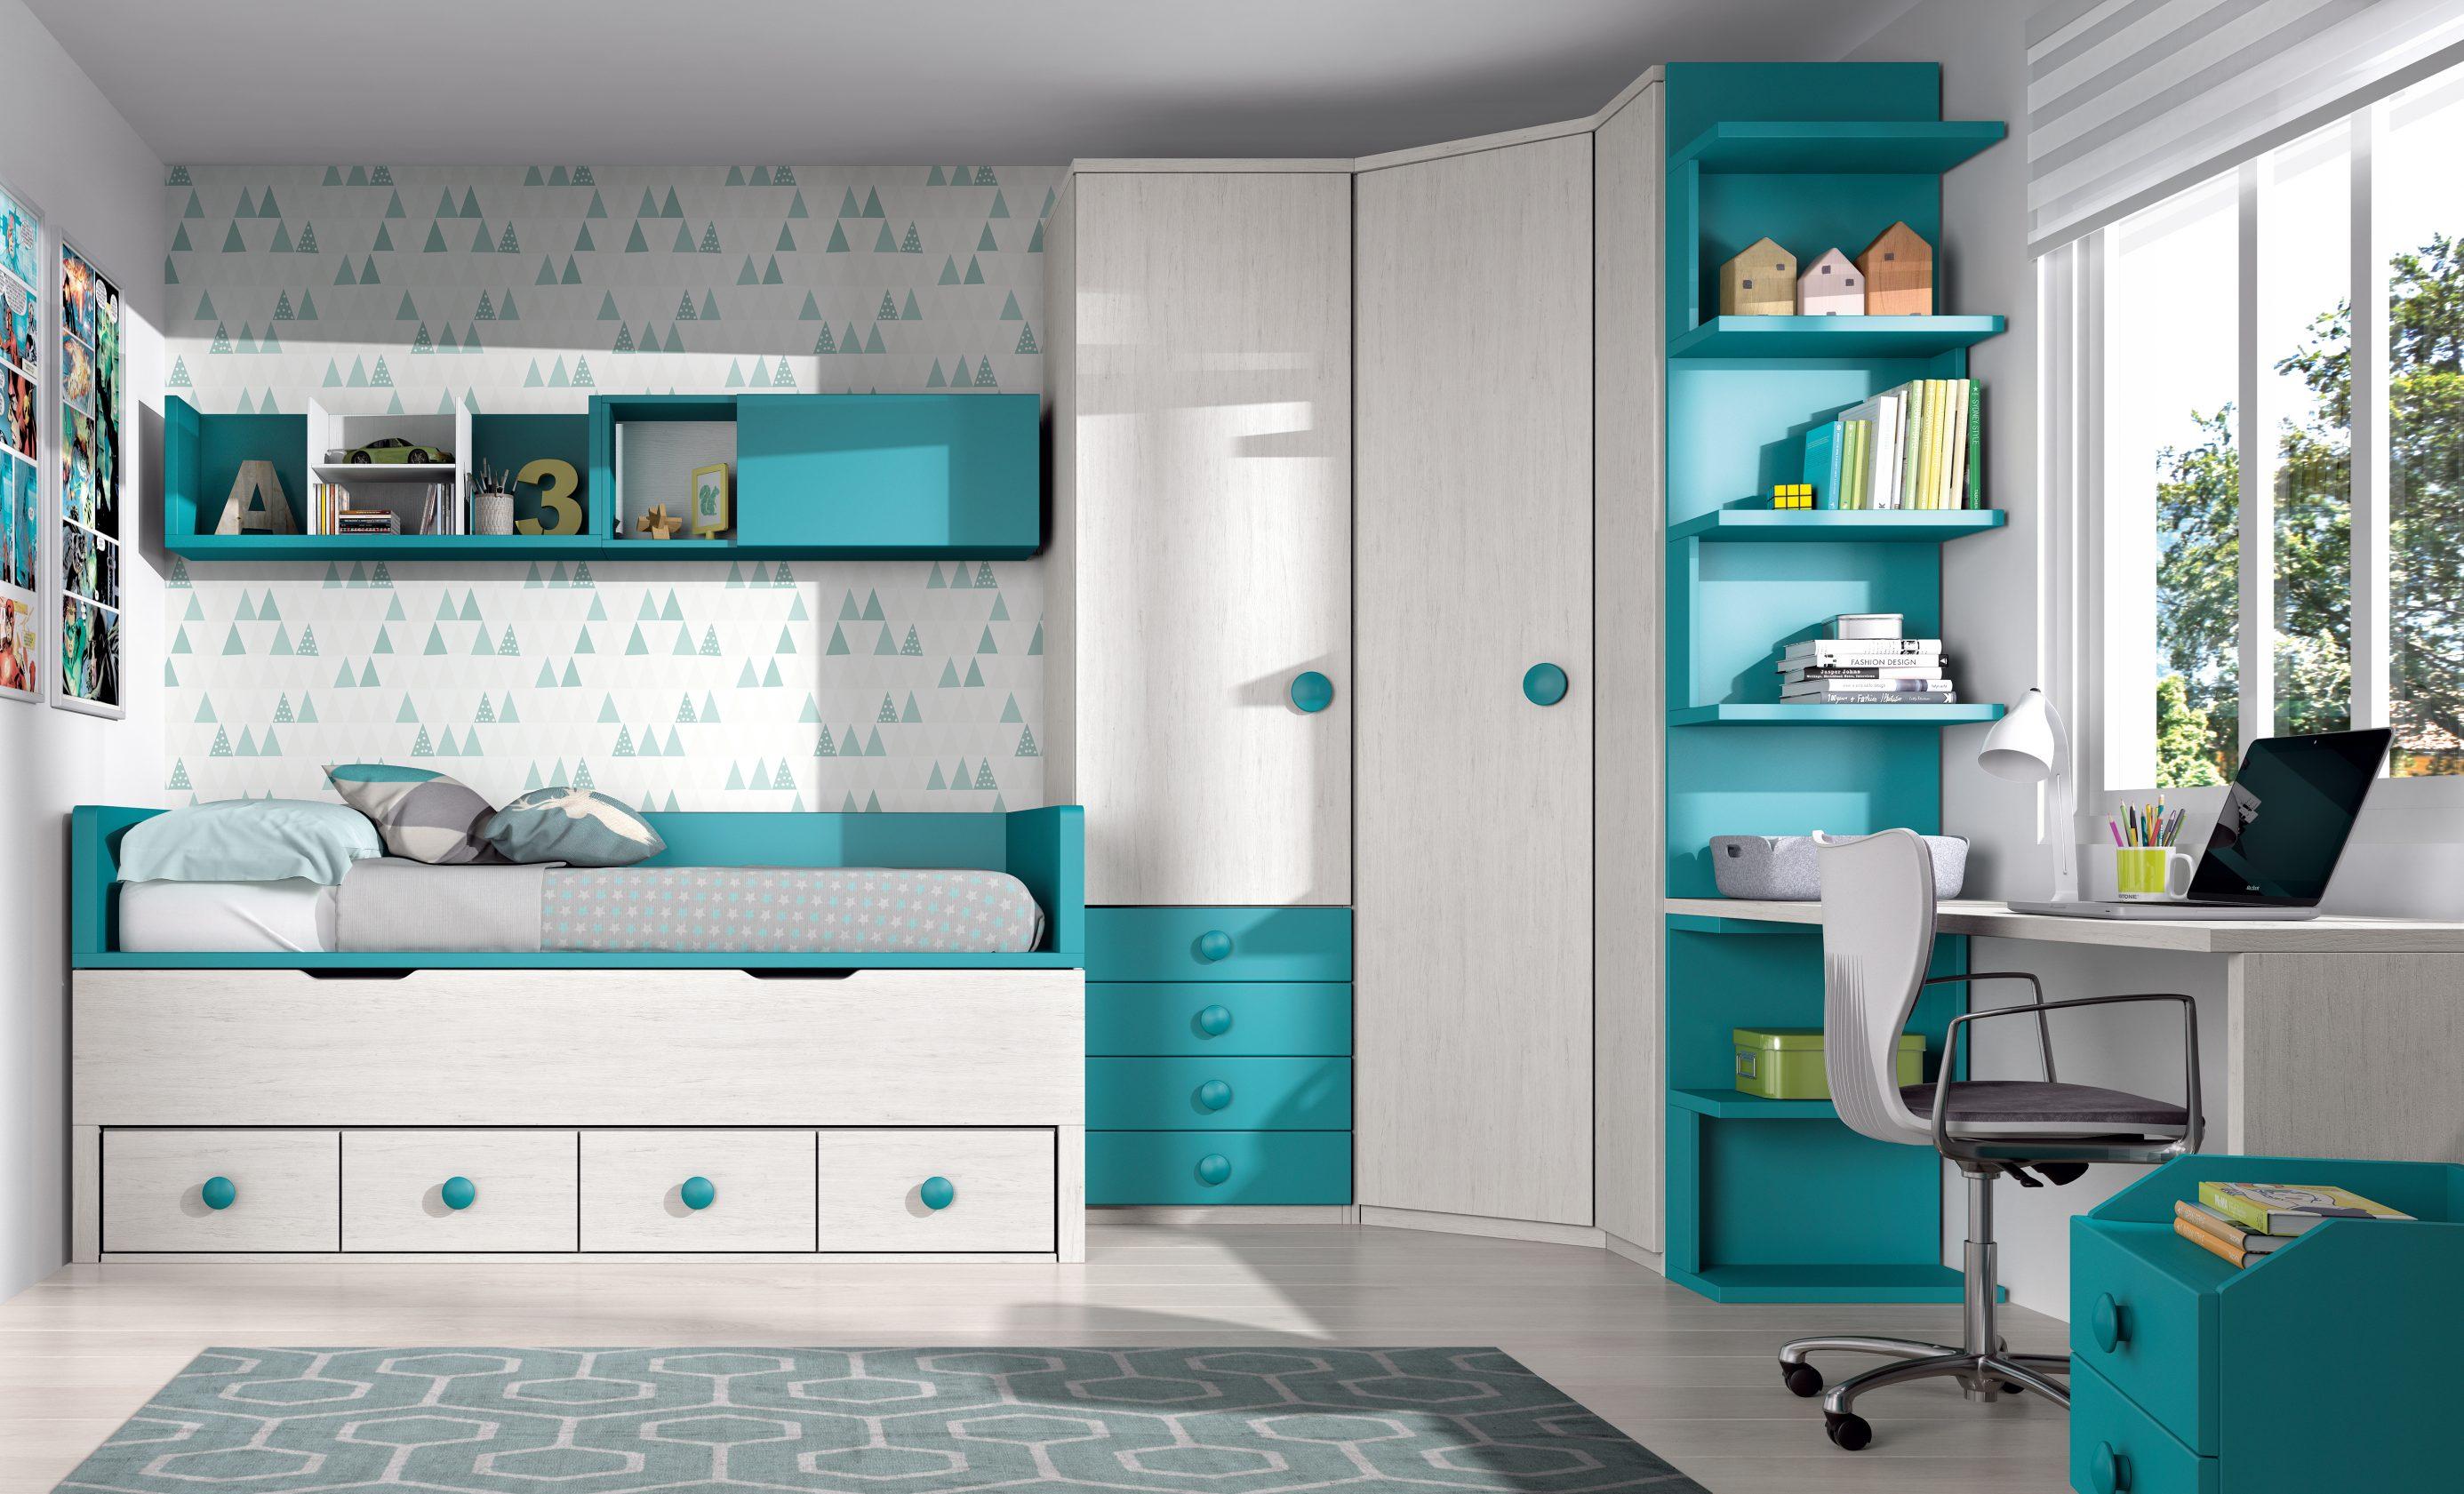 Dormitorio juvenil muy completo y aprovechado. Compuesto de compacto con cama oculta con cajones, armario rincón curvo con terminal zigzag y estudio a medida. Gran gama de modulaciones y acabados.